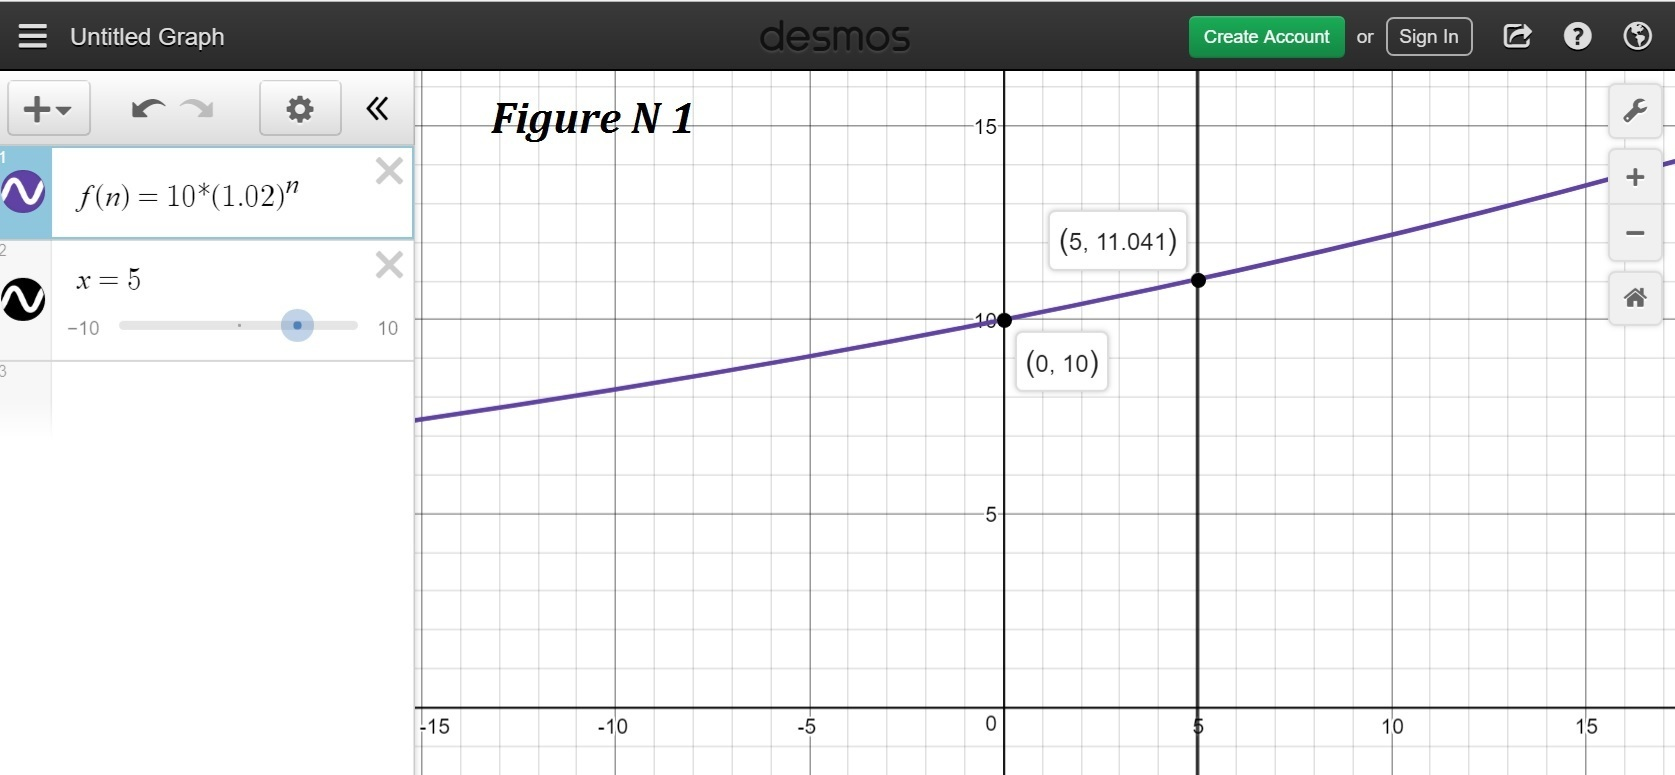 PART A)  11.04 = 10(1.02)^n  1.104 = 1.02^n  ln 1.104 = ln 1.02^n  ln 1.104 = n